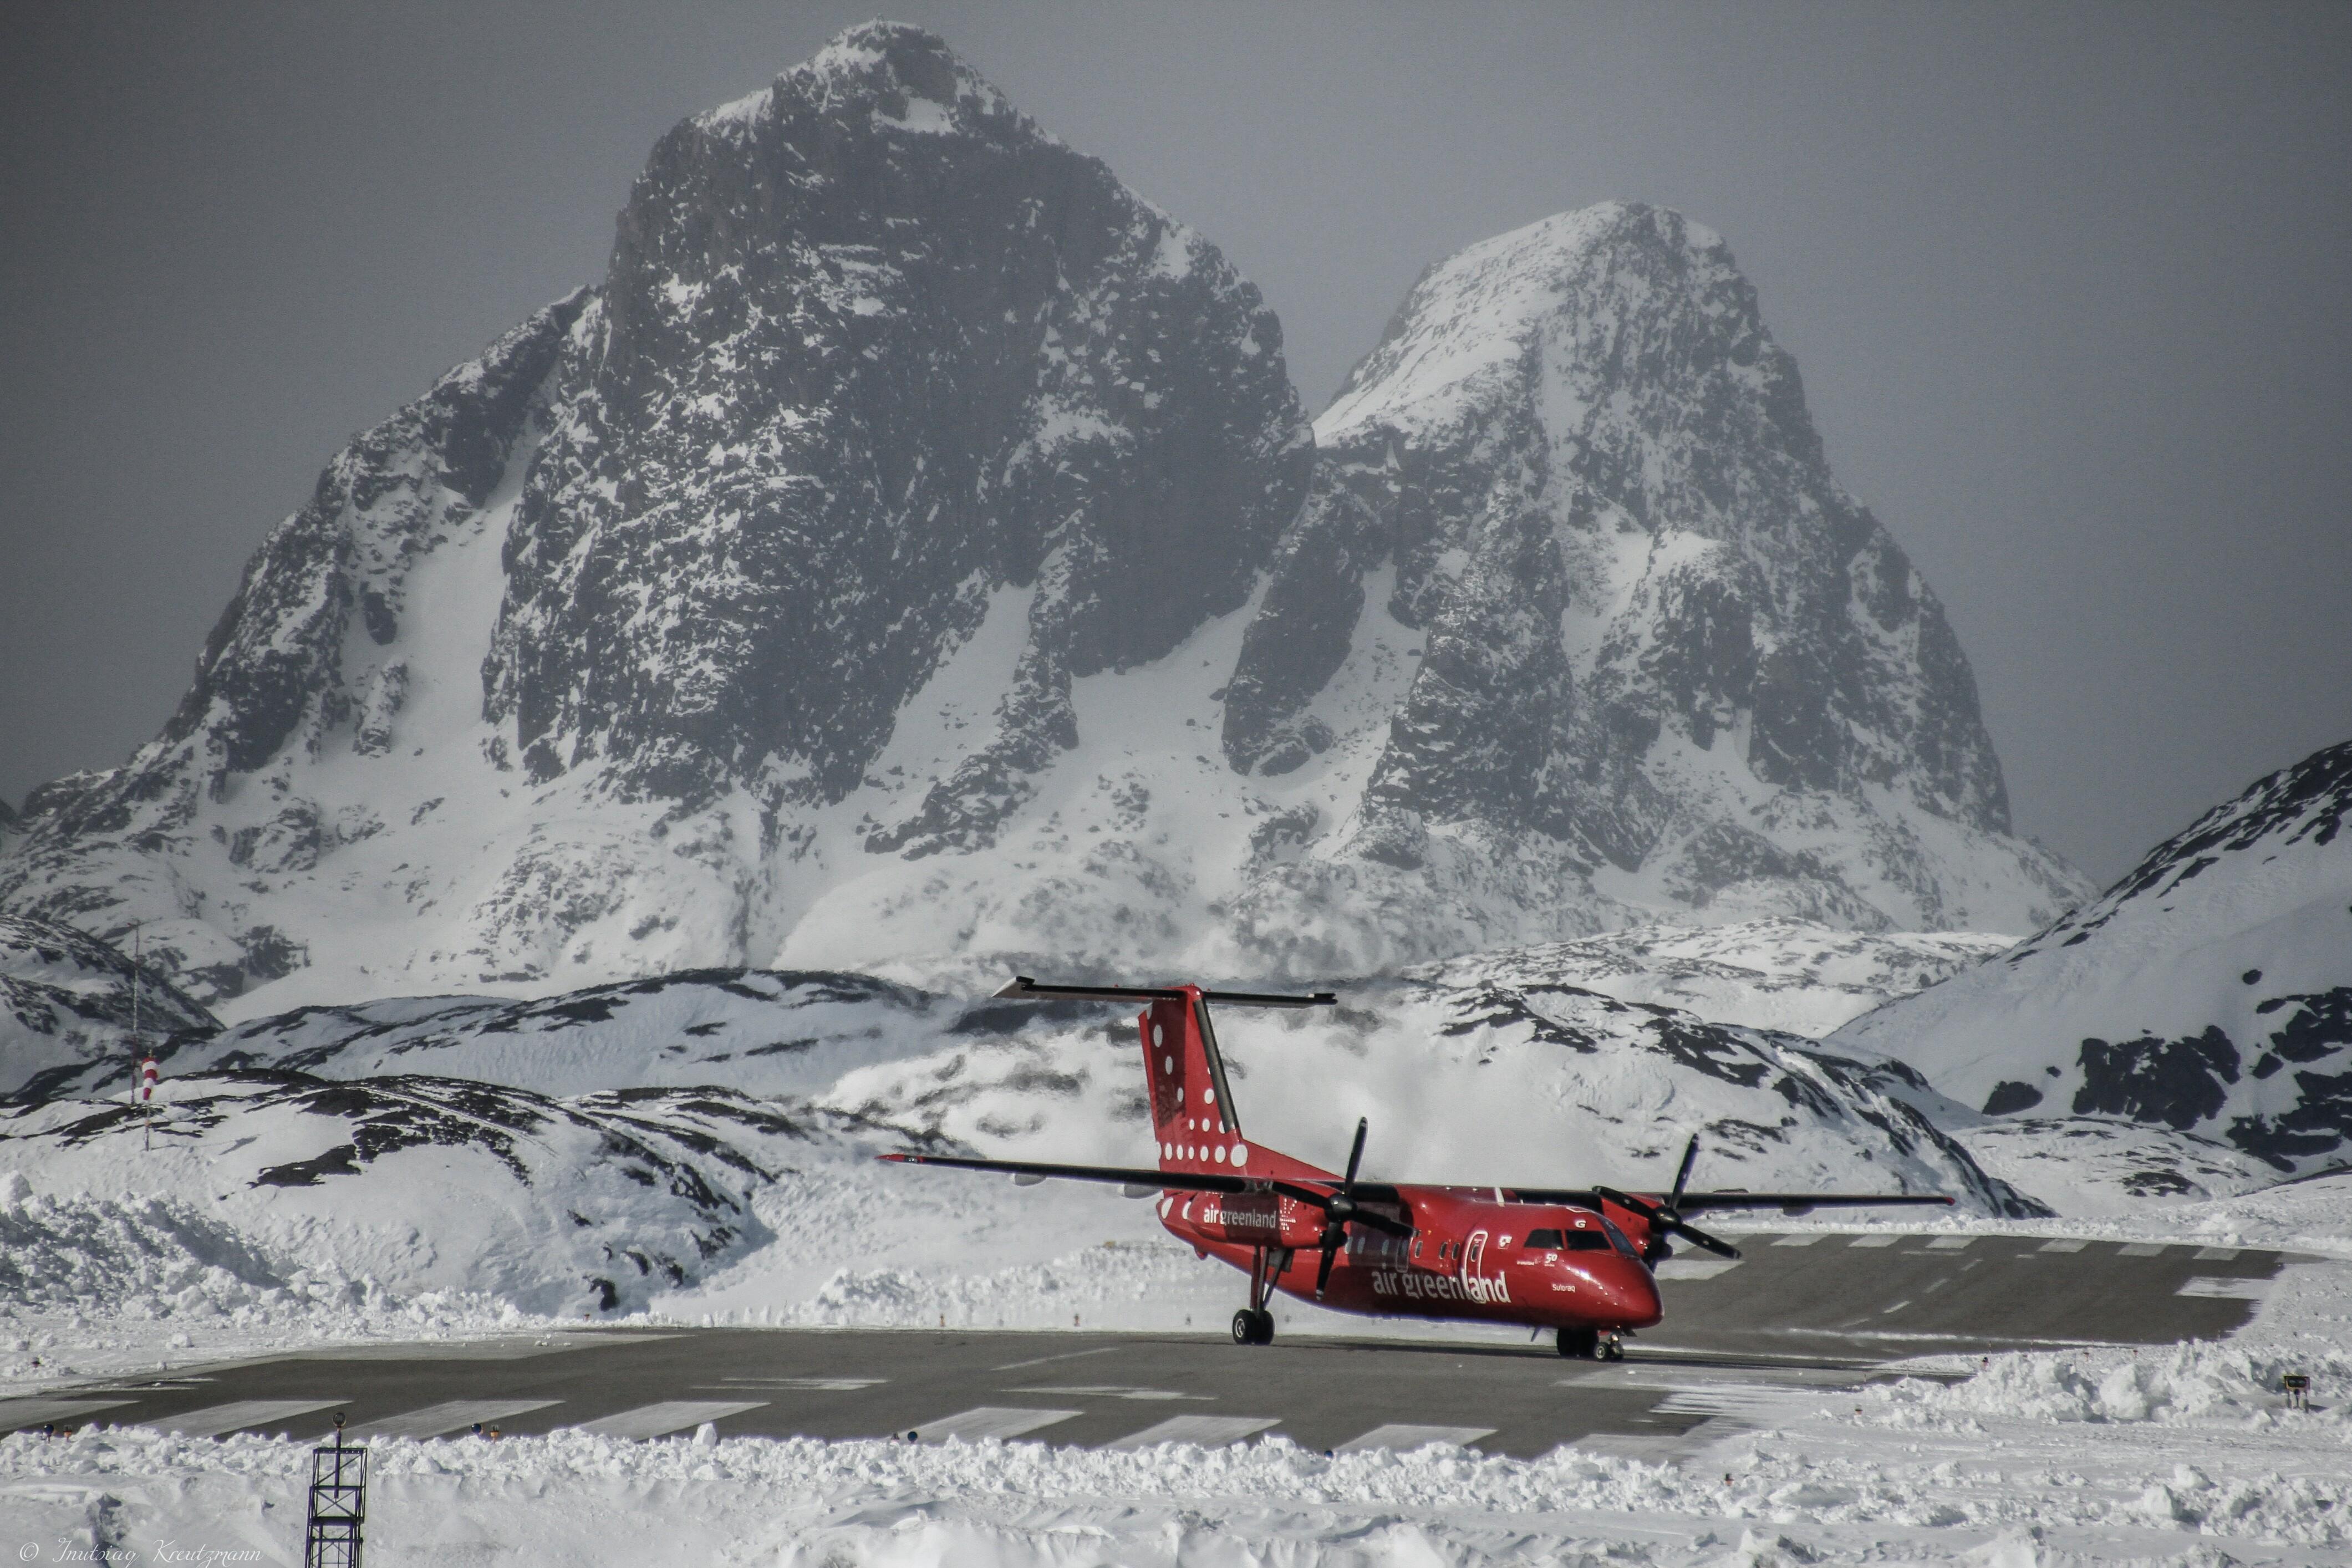 Der er planer om at Nuuk og Ilulissat på Grønlands vestkyst skal have 2.200 meter lange landingsbaner, mens lufthavnen i sydgrønlandske Qaqortoq skal have en 1.500 meter lang start- og landingsbane. Arkivfoto fra Kalaallit Airports.